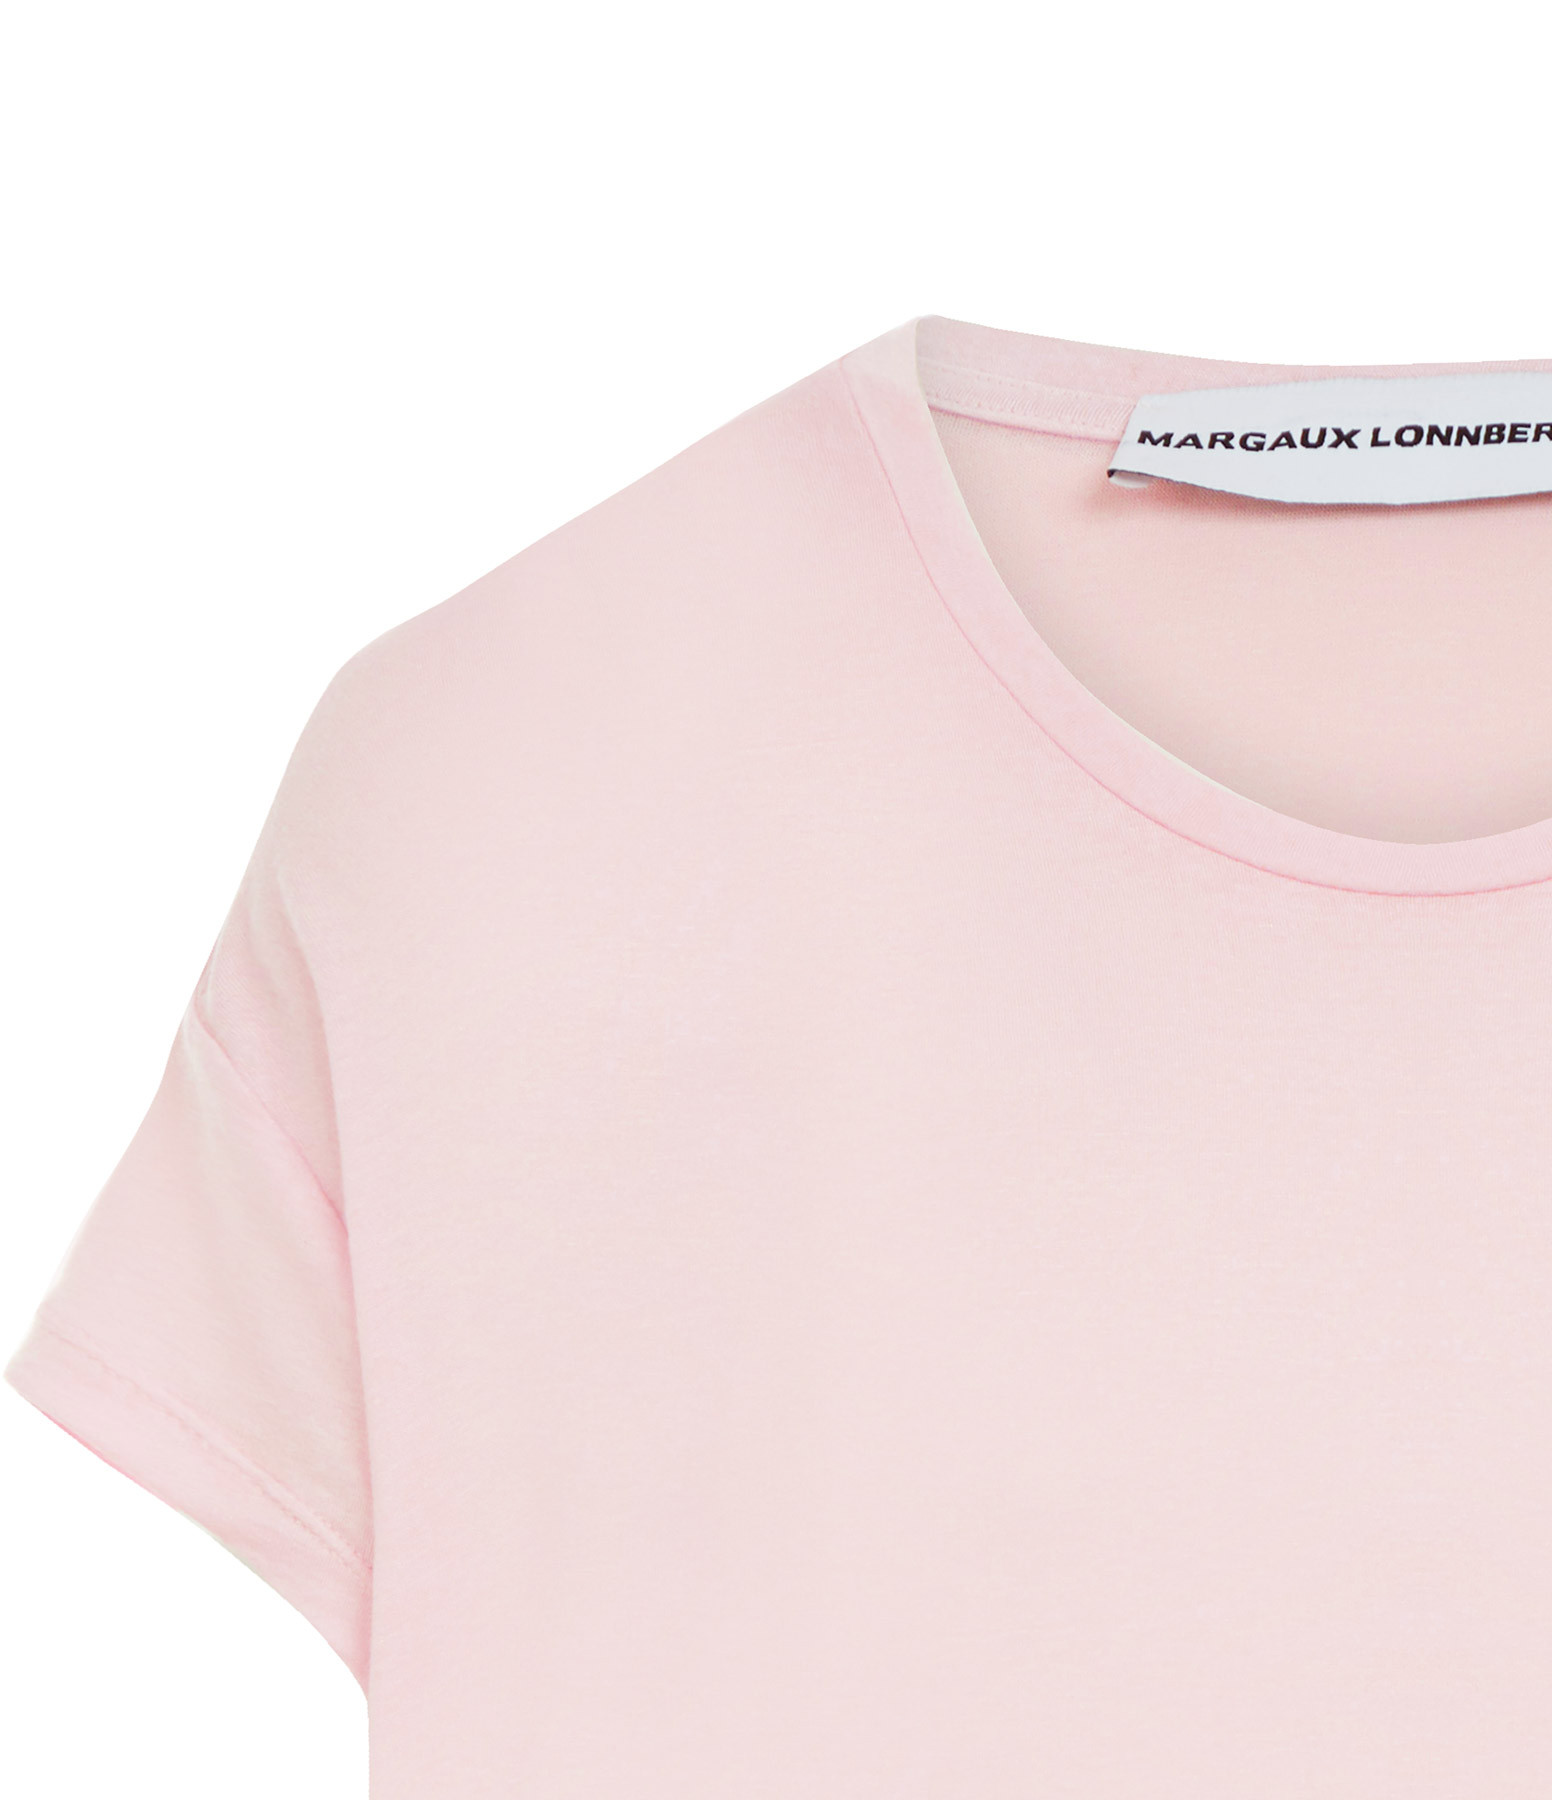 MARGAUX LONNBERG - Tee-shirt Marlow Rose